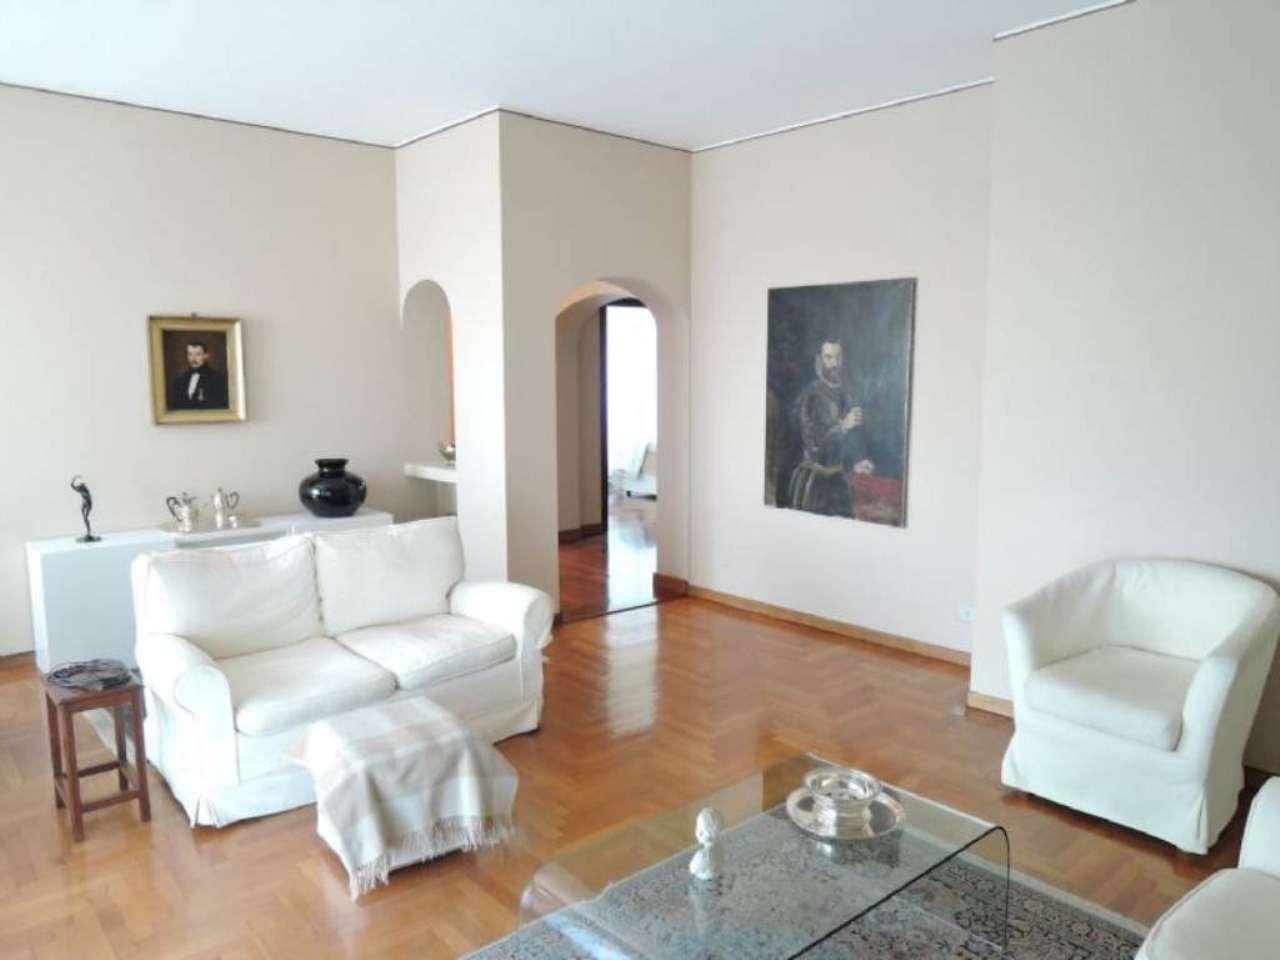 Appartamento in vendita a Milano, 4 locali, zona Zona: 14 . Lotto, Novara, San Siro, QT8 , Montestella, Rembrandt, prezzo € 490.000 | CambioCasa.it